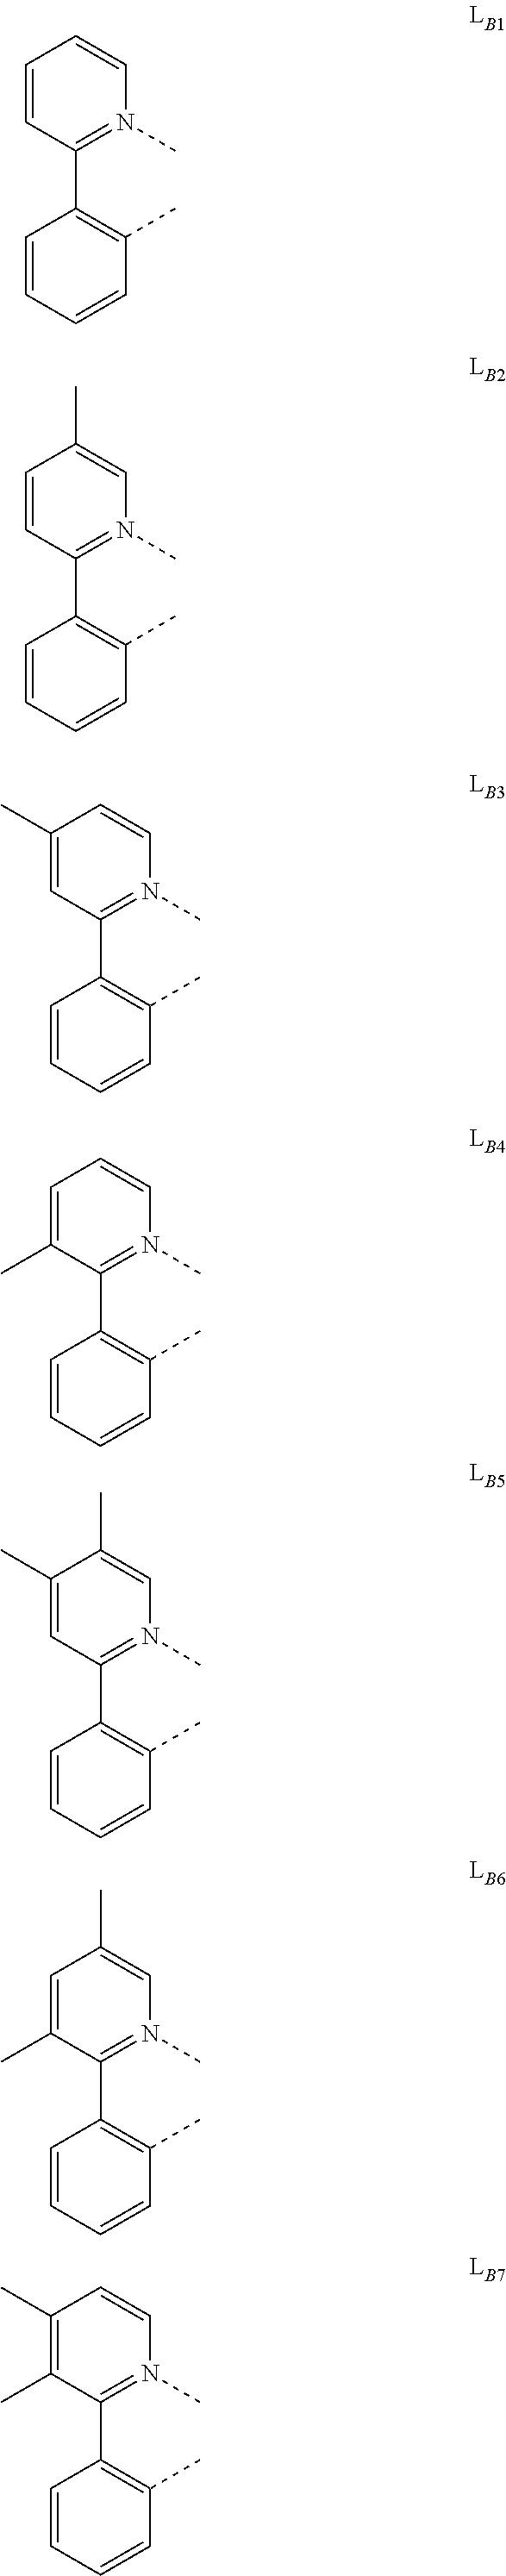 Figure US20180130962A1-20180510-C00067